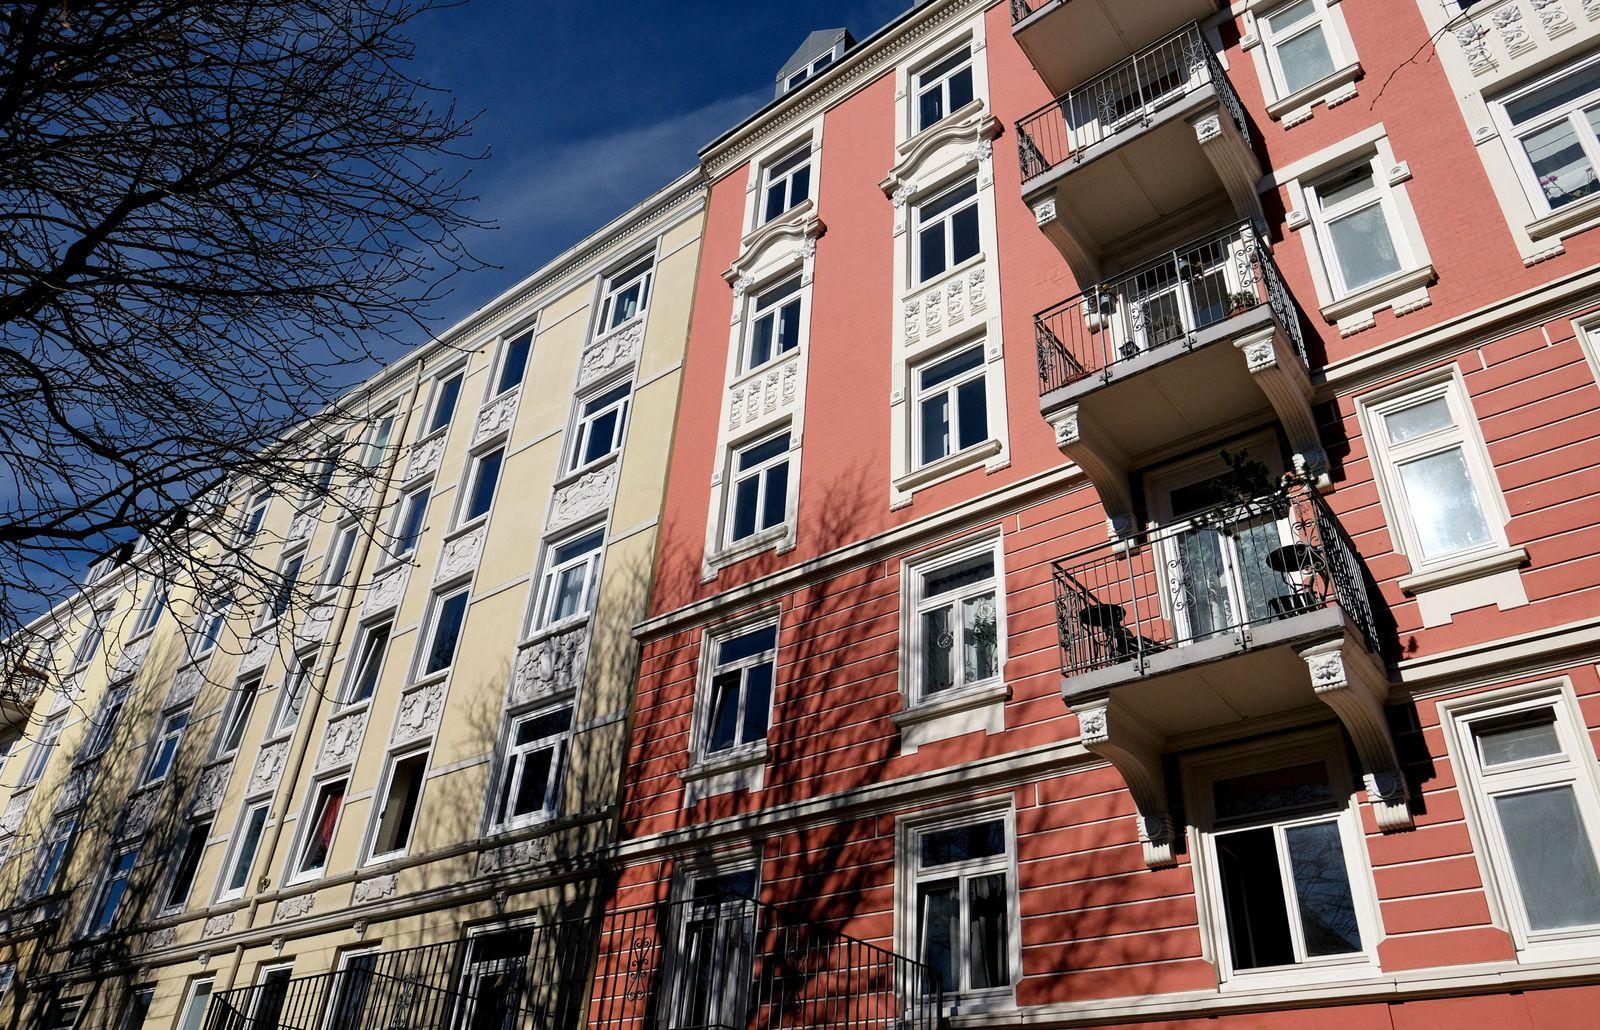 Immobilien / Wohnungen / Mietpreisbremse in Hamburg